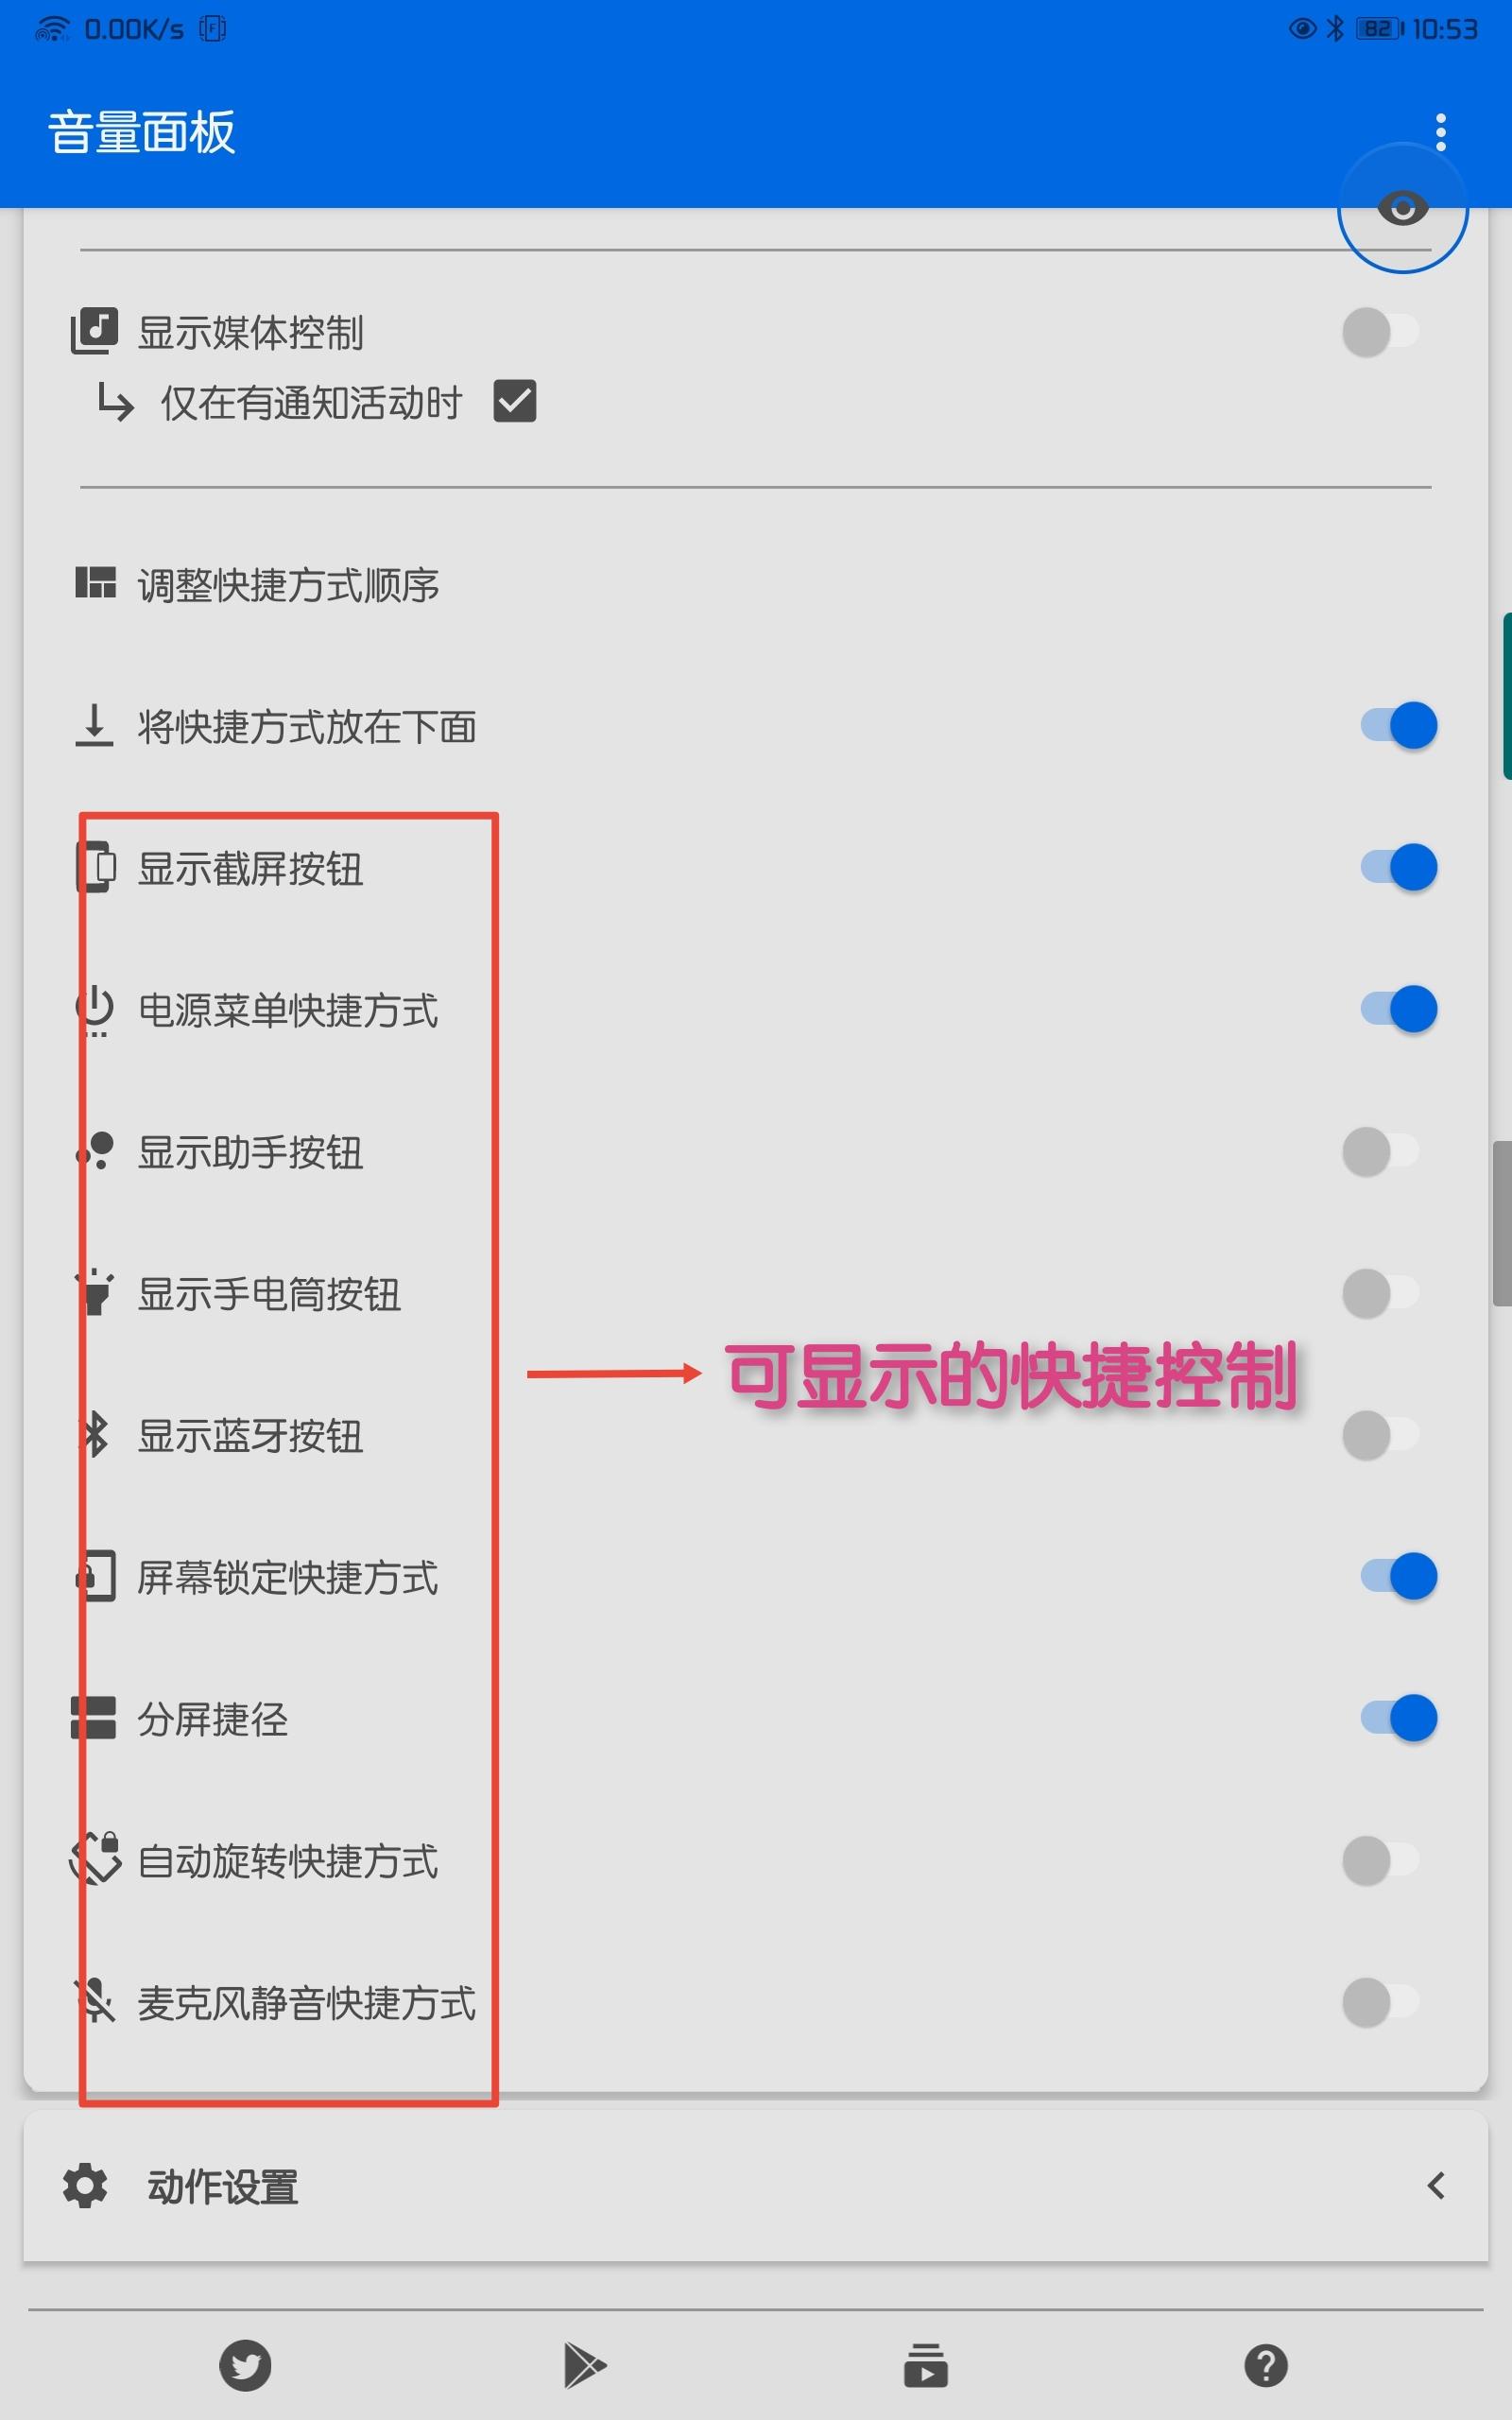 Screenshot_20200607_112139.jpg